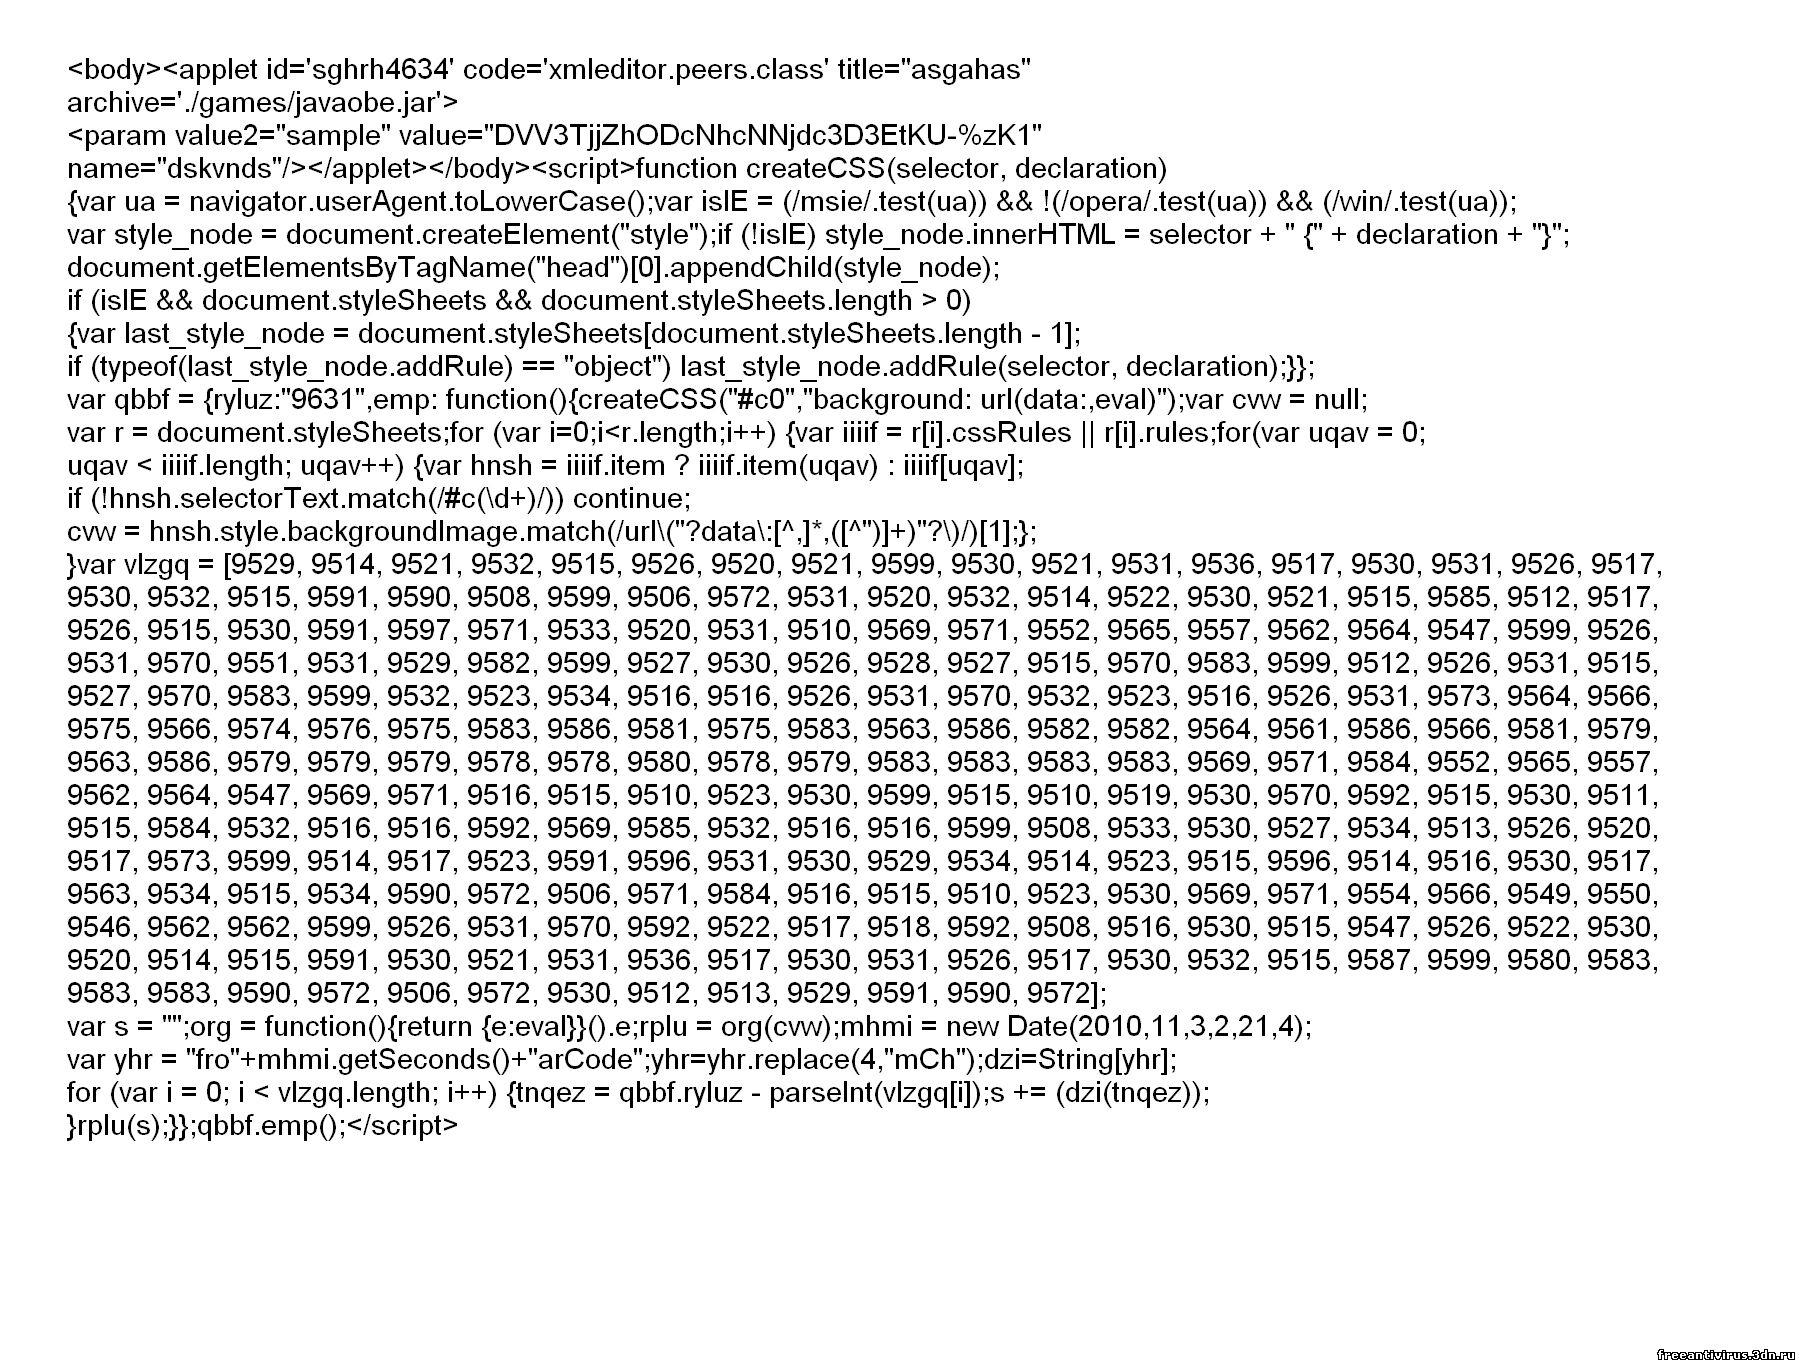 Затем с домена zo7h.co.cc в свою очередь грузится следующий код, который уже содержит эксплойт